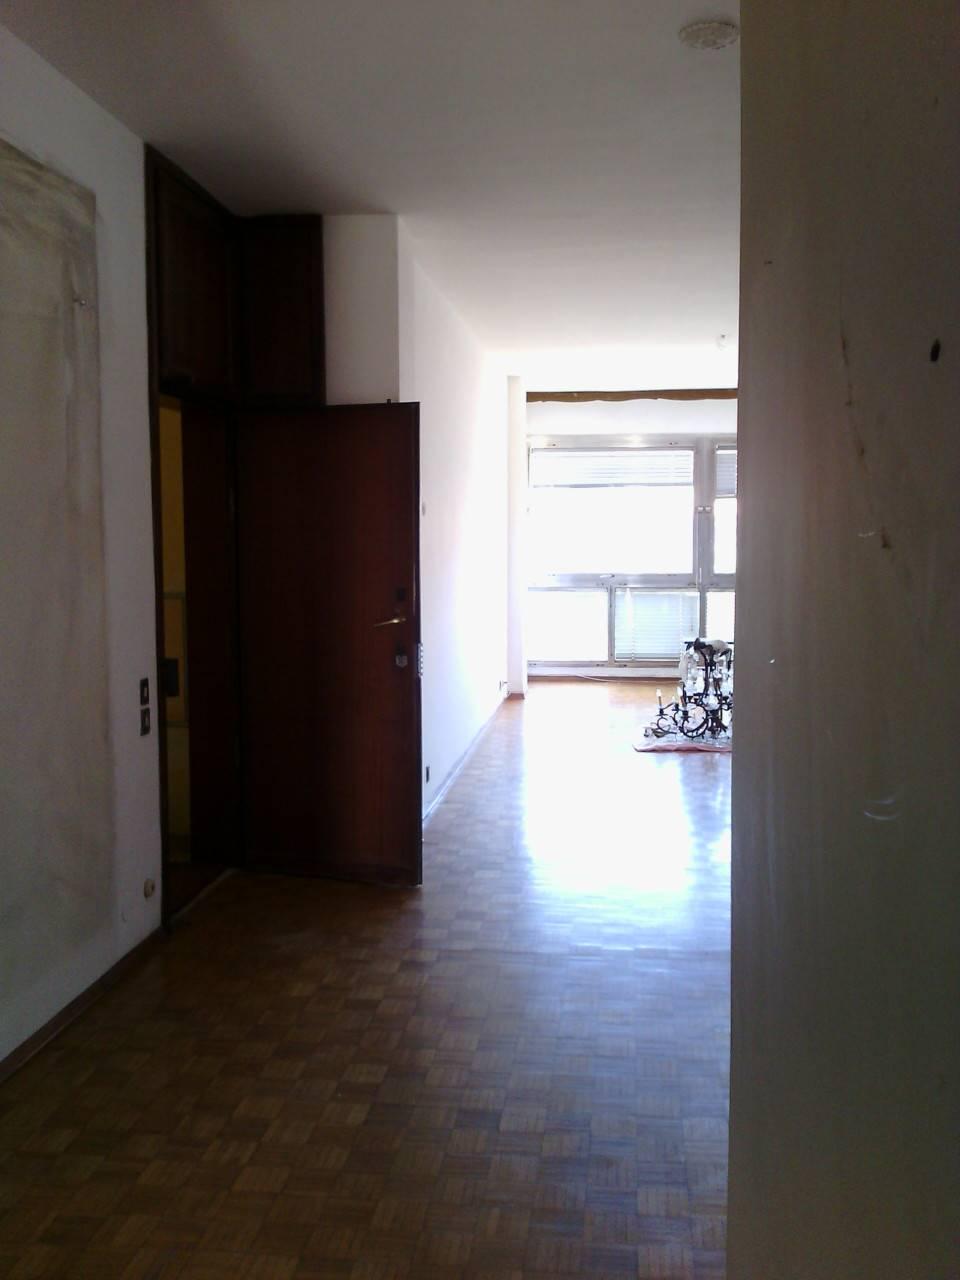 Appartamento in affitto a Tortona, 5 locali, prezzo € 600 | PortaleAgenzieImmobiliari.it